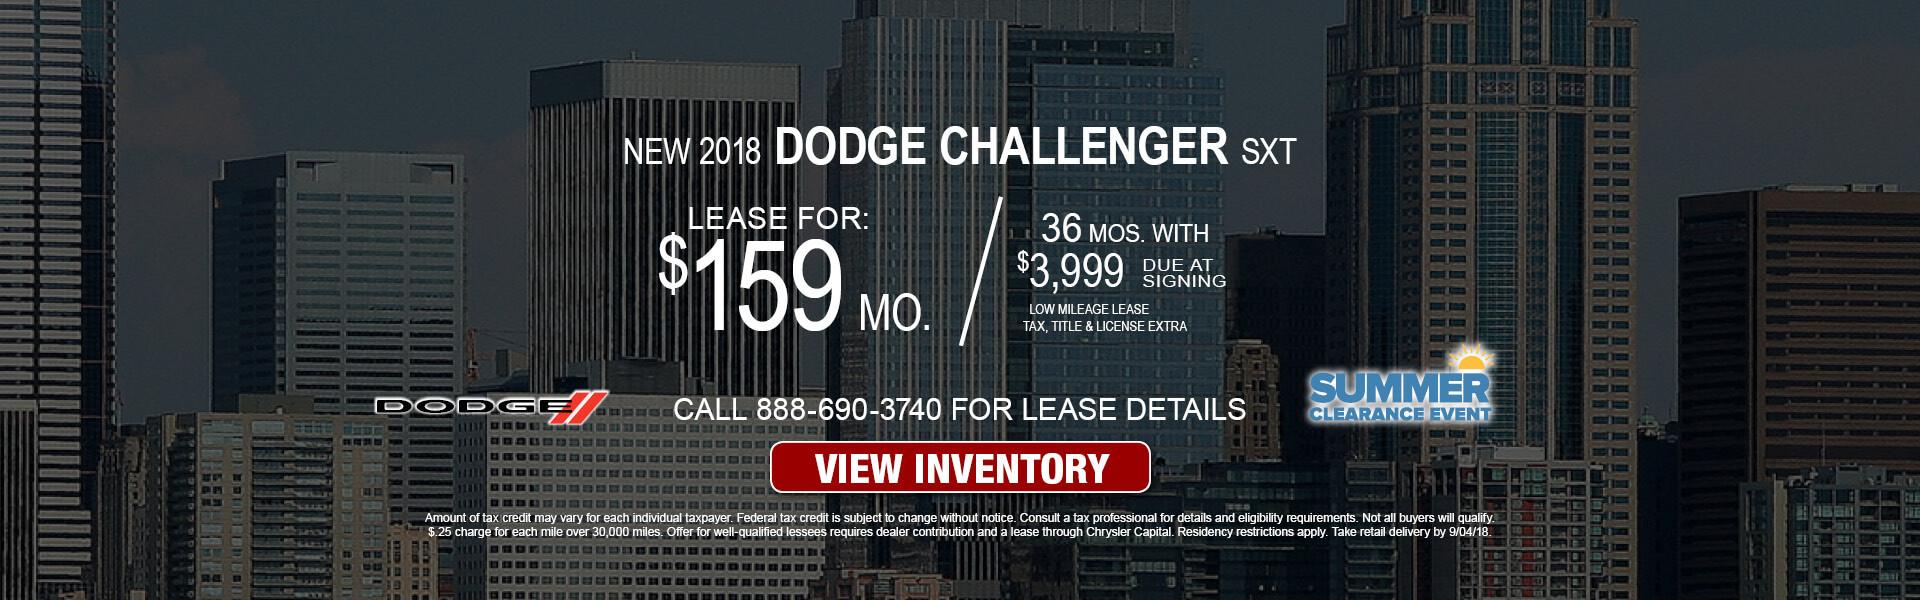 Dodge Challenger SXT $159 Lease